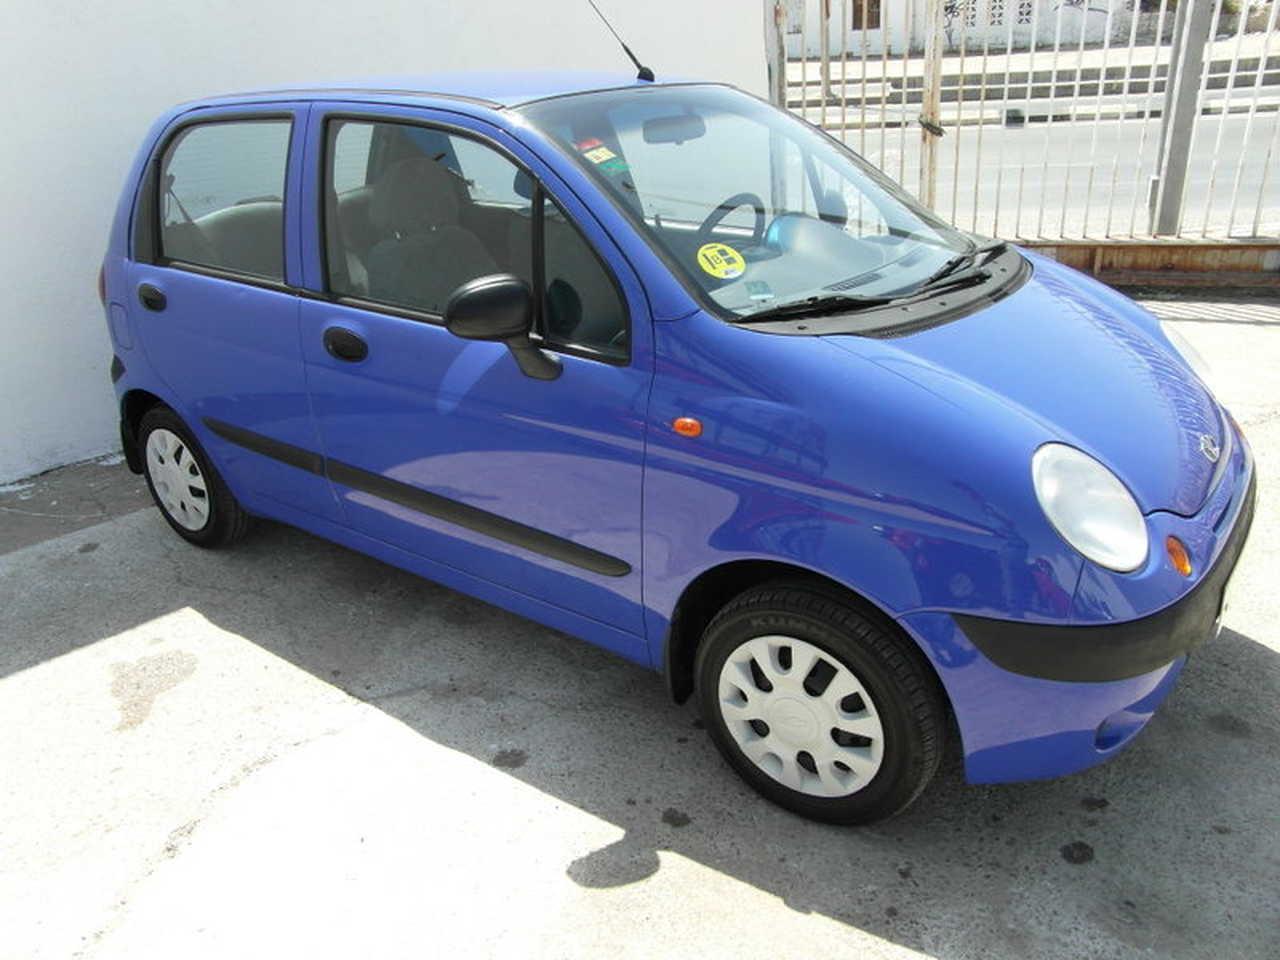 Daewoo Matiz 8.0I  50 CV   5 PUERTAS MUY CUIDADO  - Foto 1